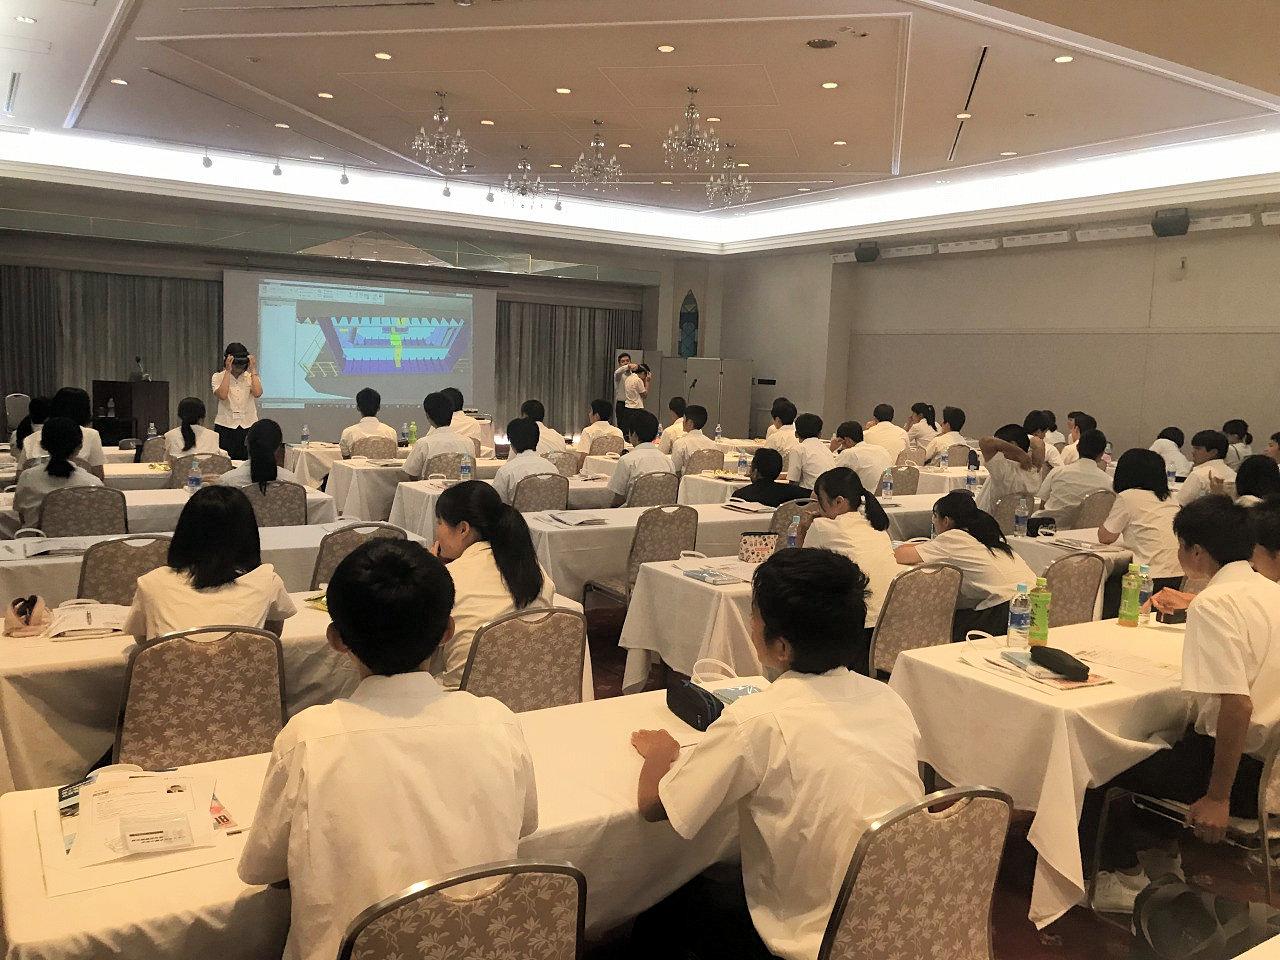 山口県周南市のあるホテルの一室で行われた課外授業(以下の写真:家入龍太)